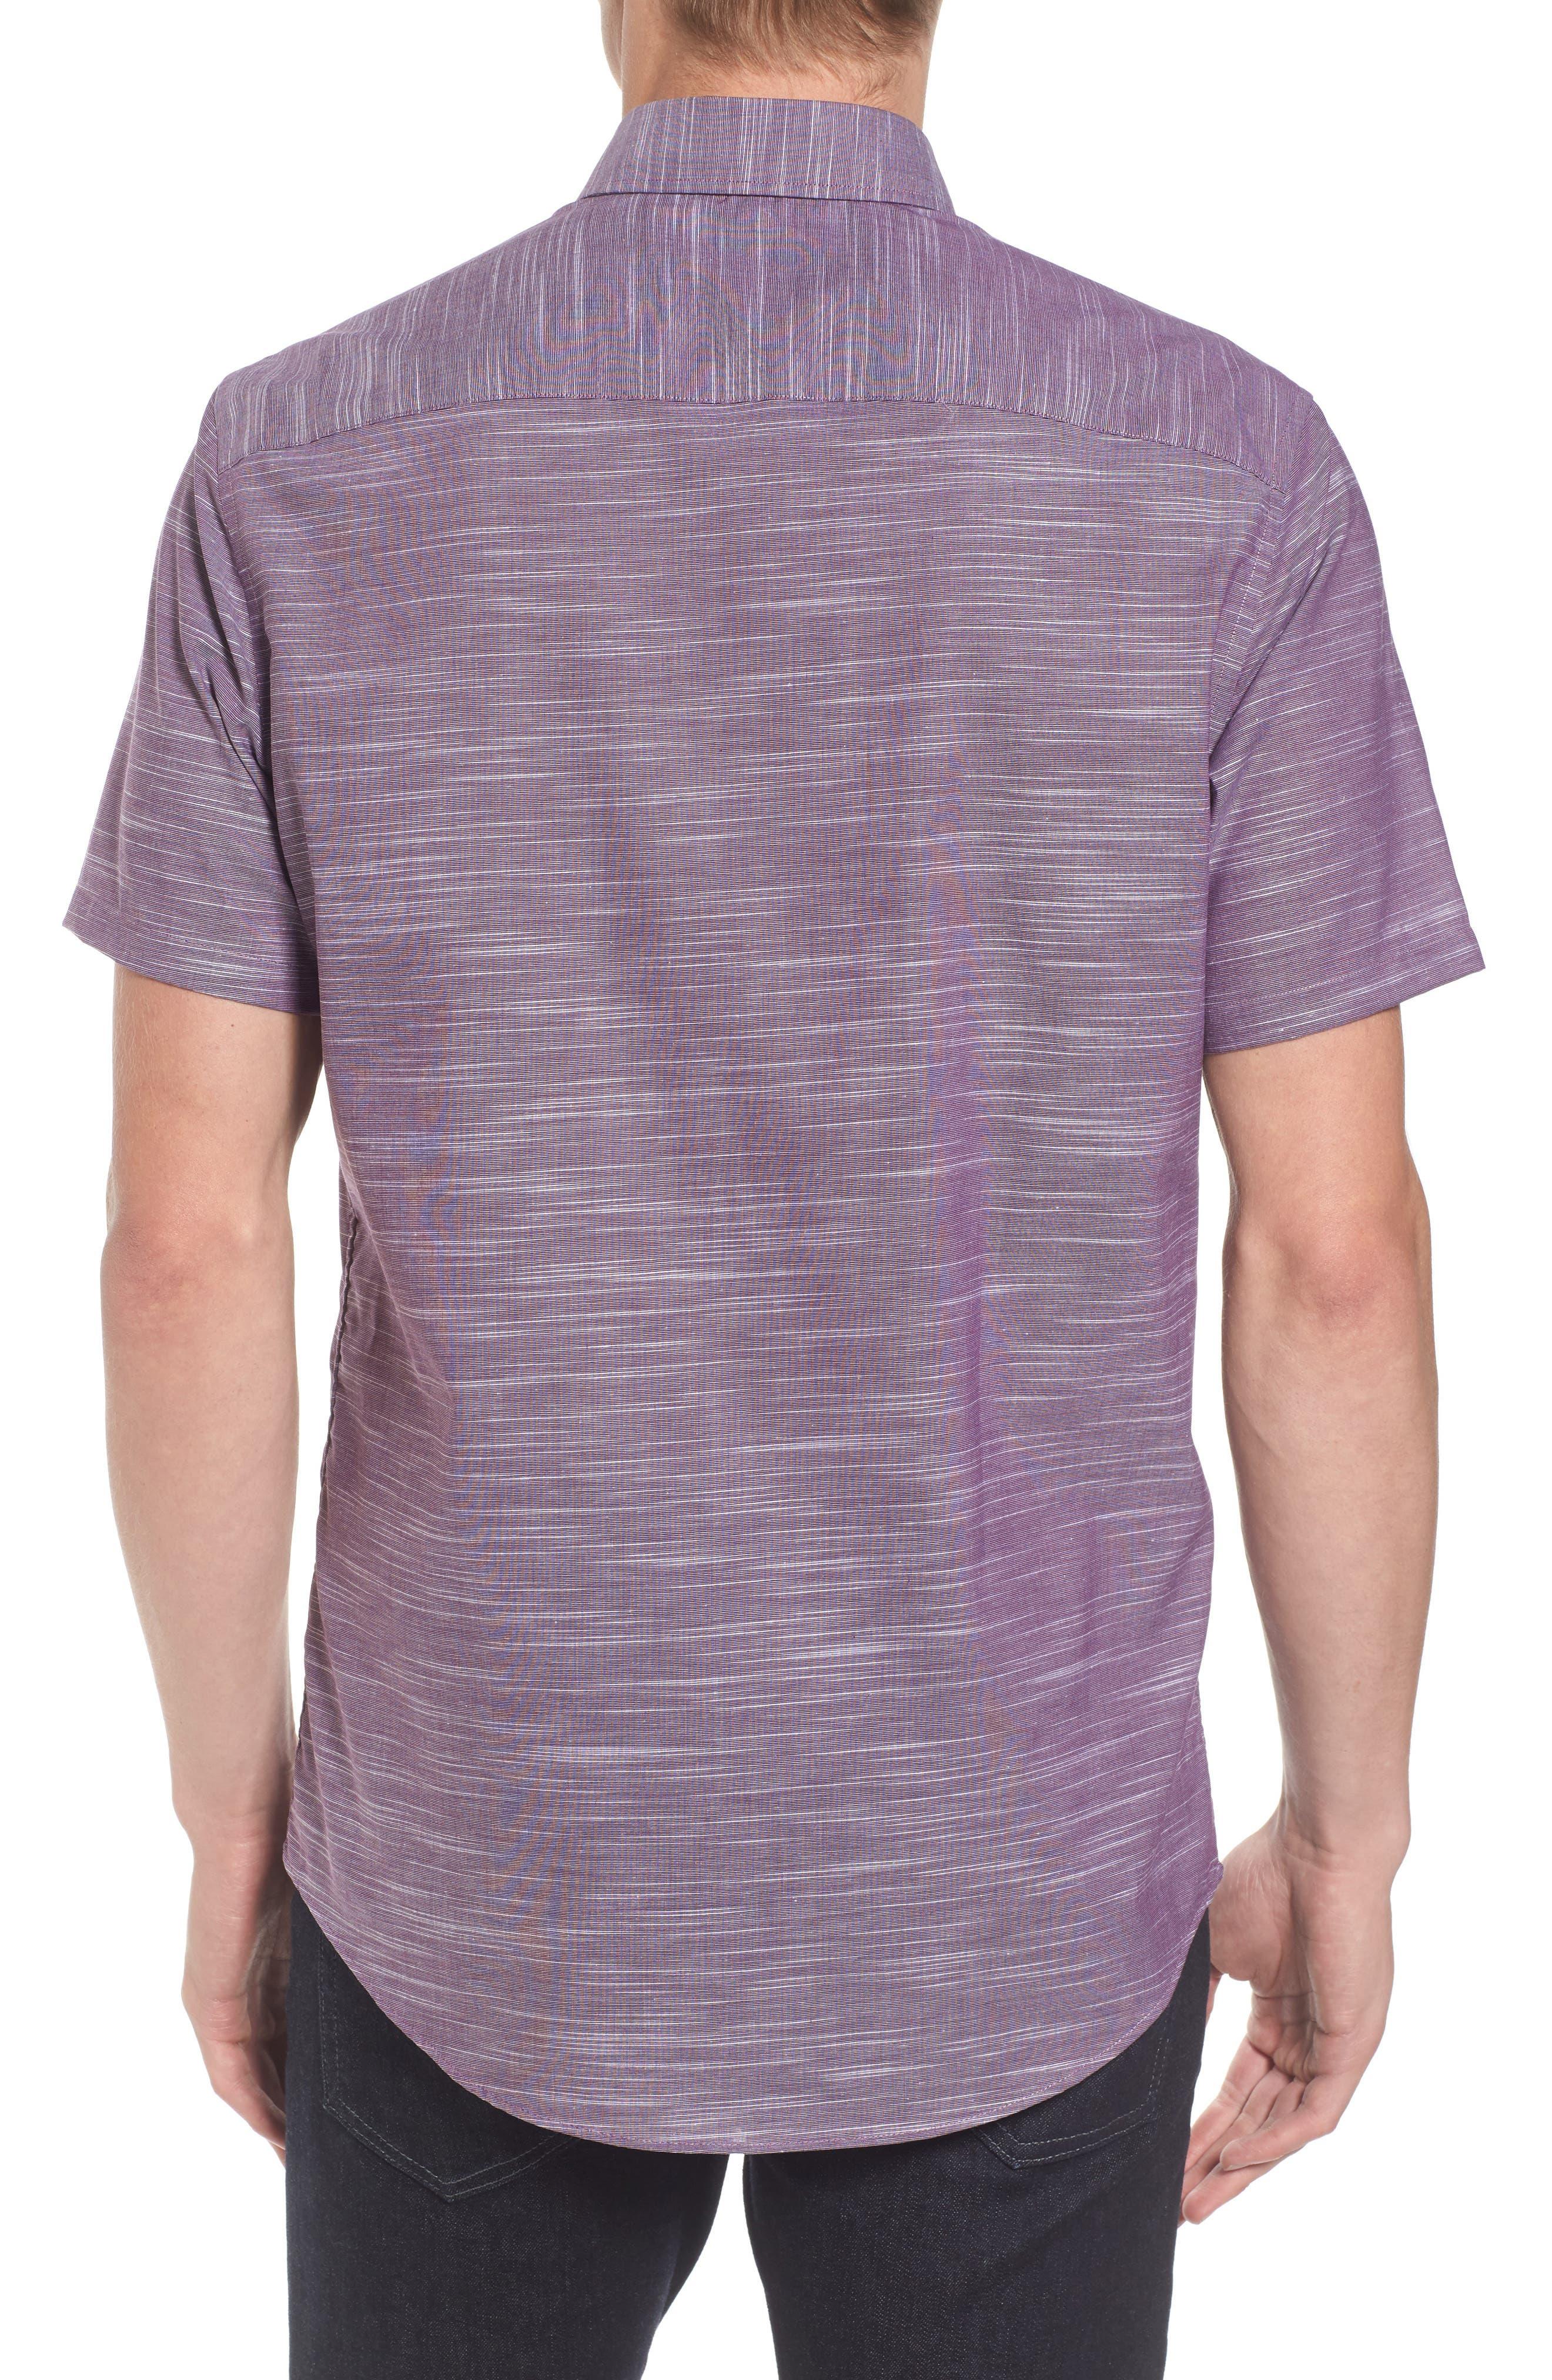 Calilbrate Slim Fit Slub Woven Shirt,                             Alternate thumbnail 6, color,